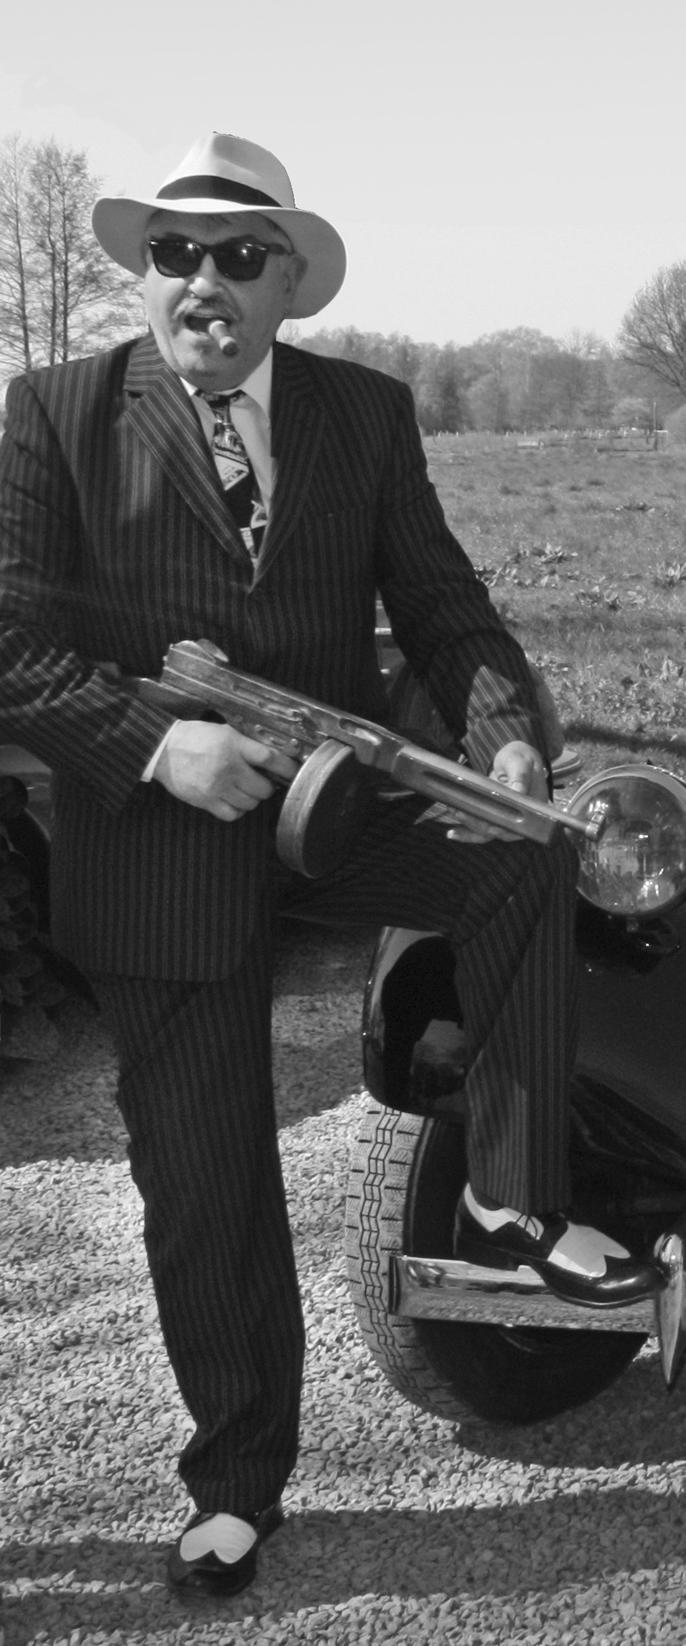 Die Rackettheorie beschäftigt sich nicht nur mit organisiertem Verbrechen, sondern sieht Rackets als die Organisationsform der nachliberalen Phase des Kapitalismus. (Foto: © pixabay.com/CC0 Public Domain)